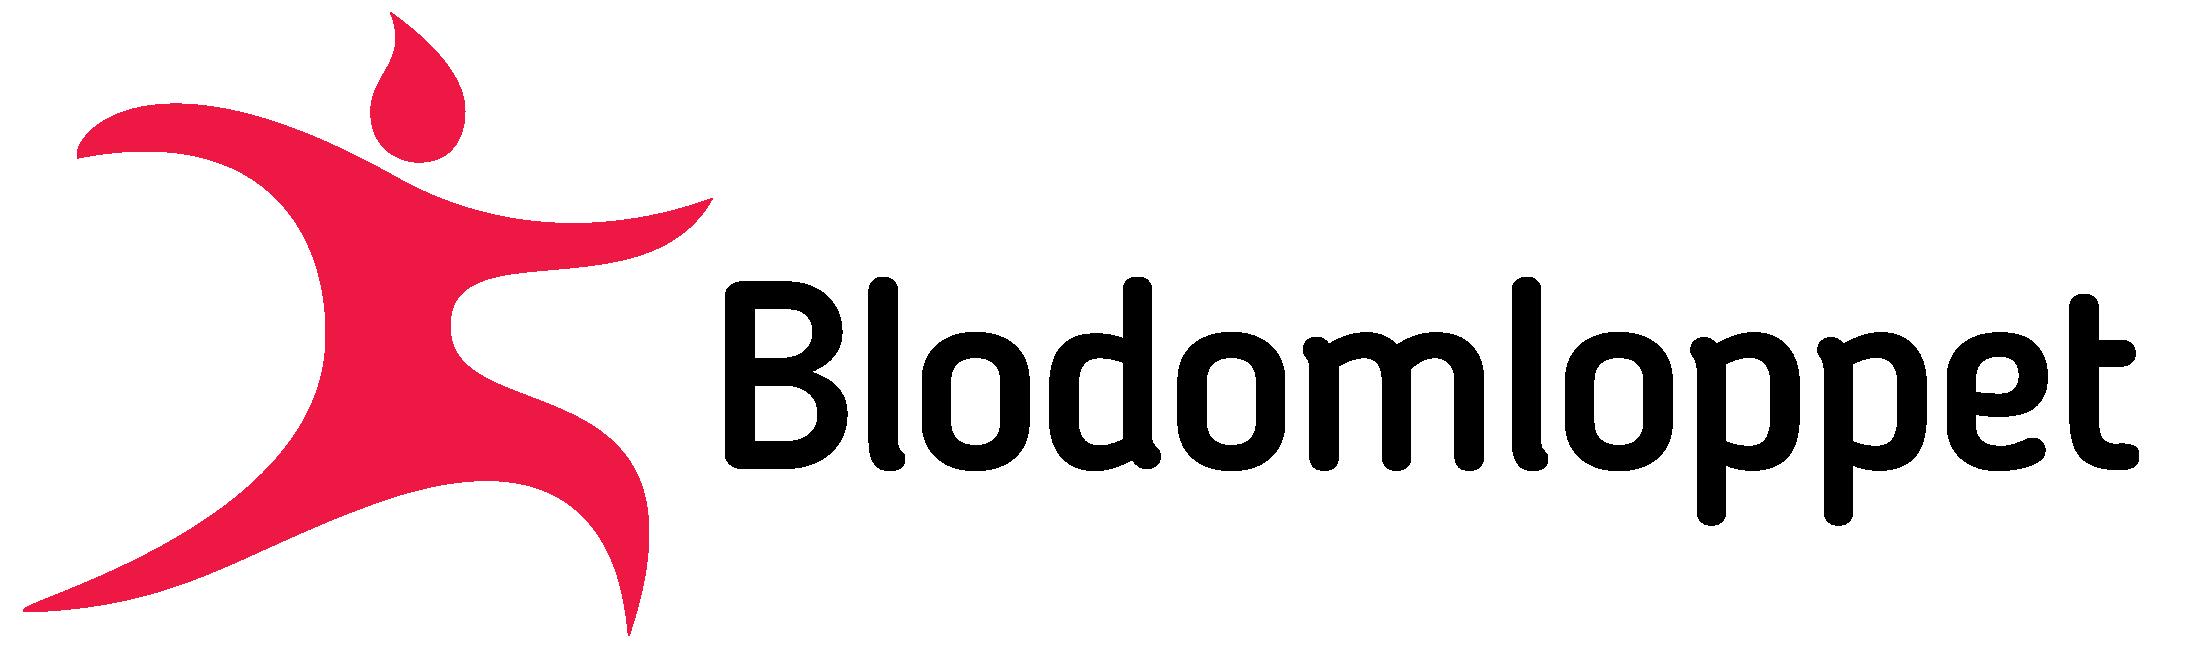 Bildresultat för blodomloppet 2016